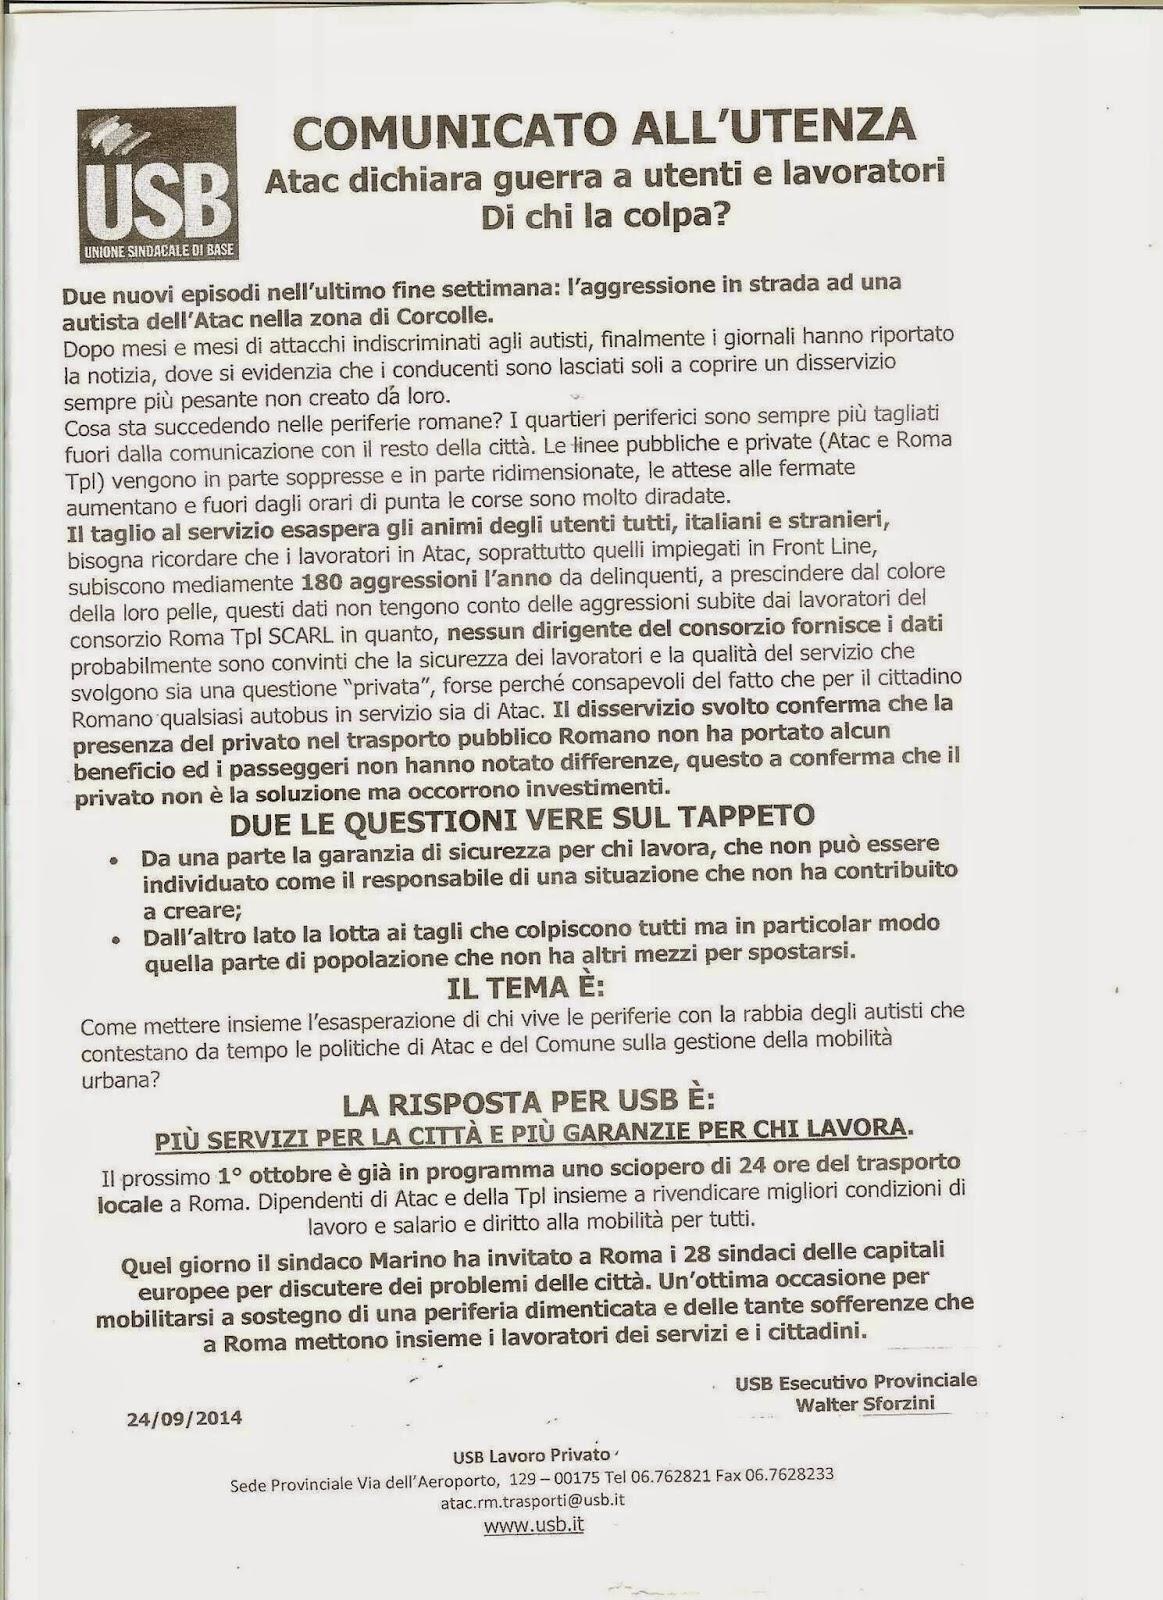 Lettera del Sindacato USB per lo sciopero del 1 ottobre